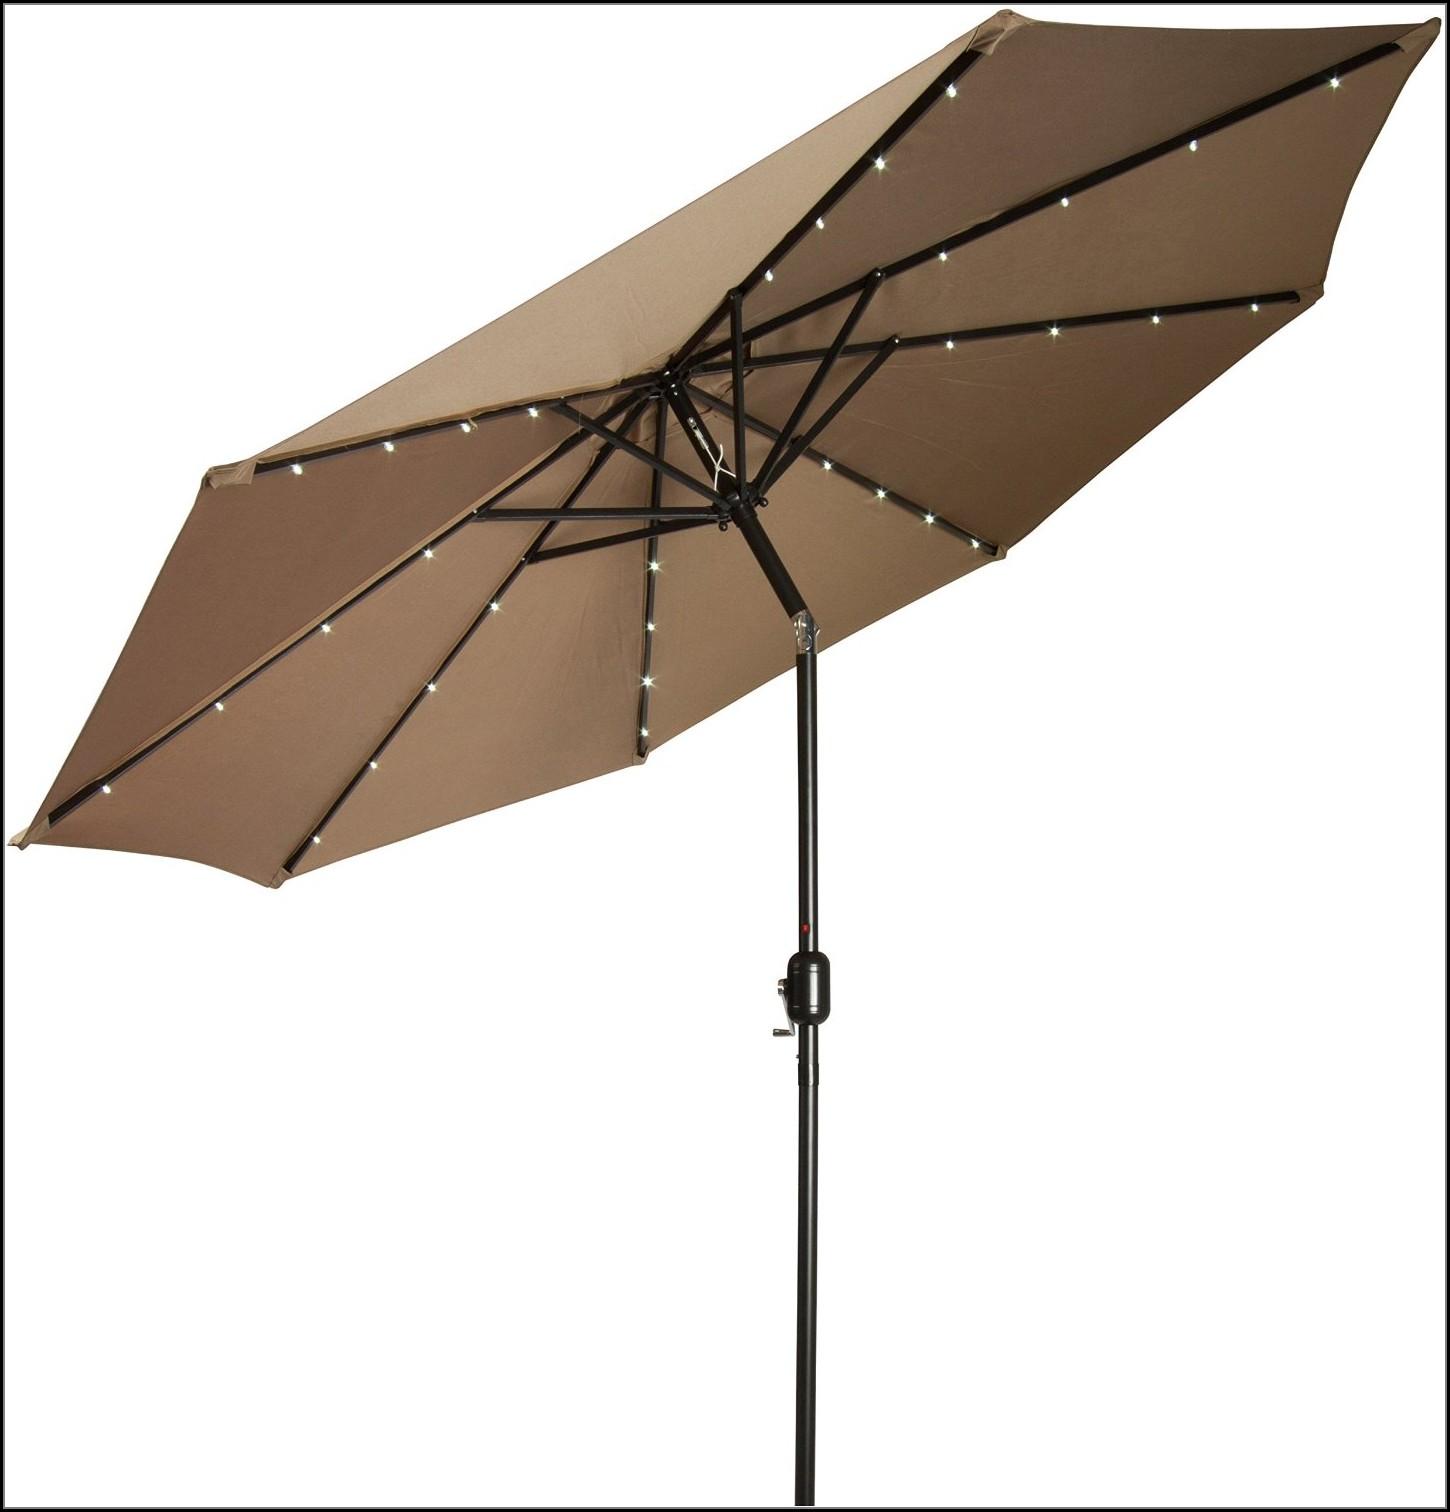 Solar 9 Lighted Patio Umbrella